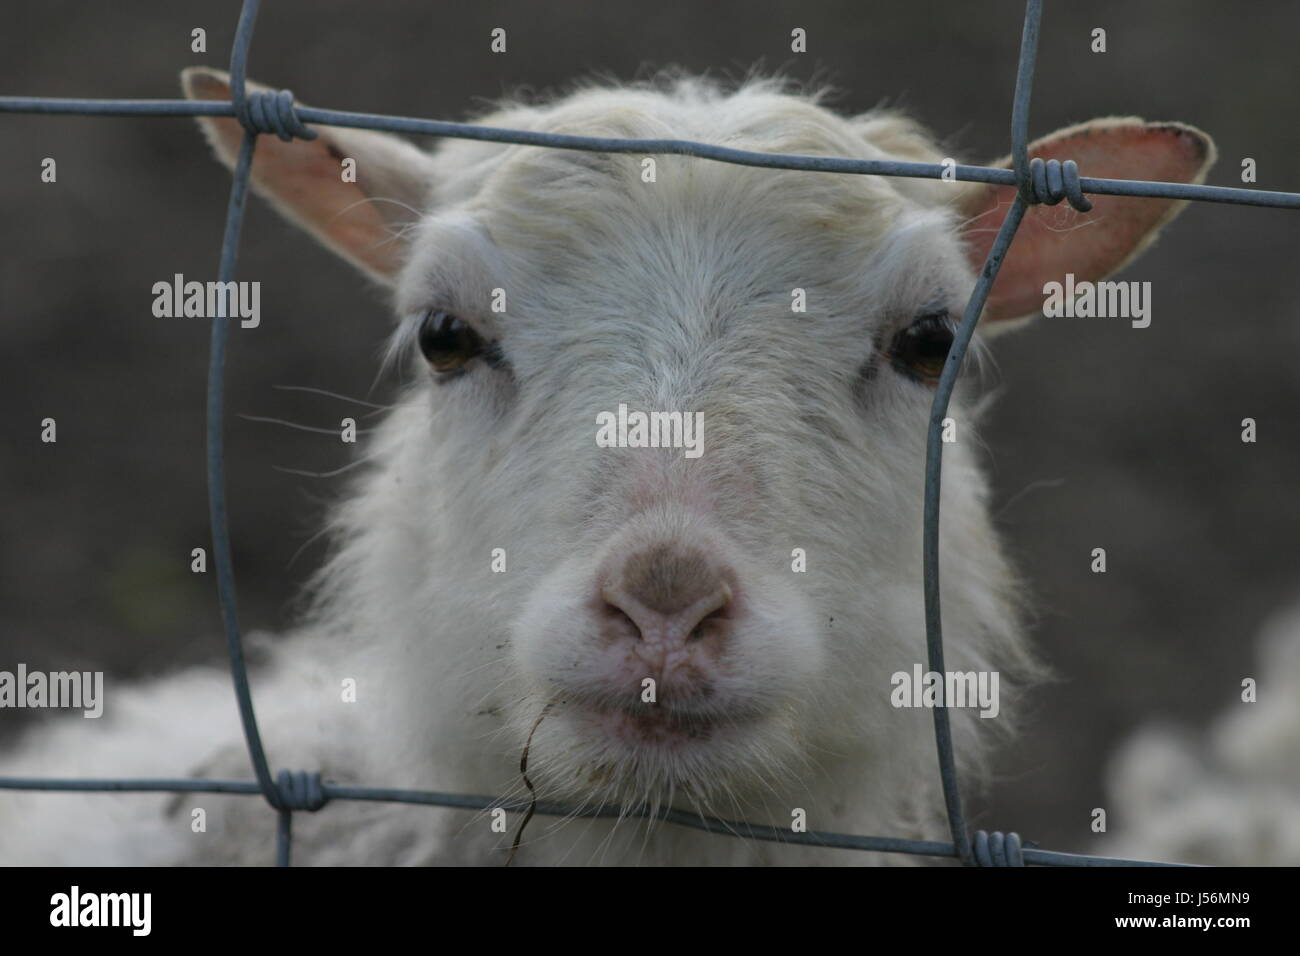 goat fence fenced kid caged zieglein kleine ziege weie ziege hinter